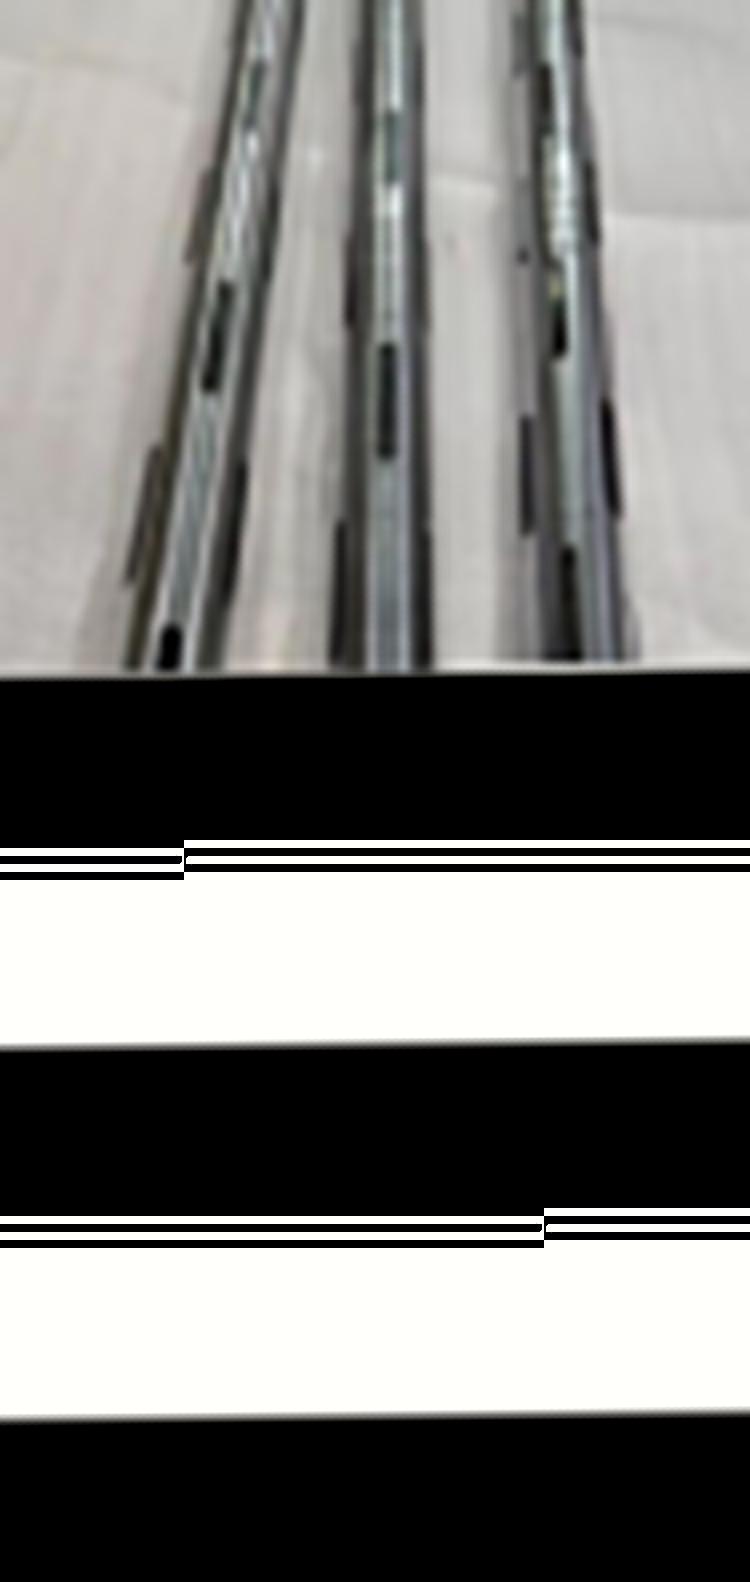 高清電子內窺鏡廠商_奧德盛科技_工業級_手持式_微型_超細